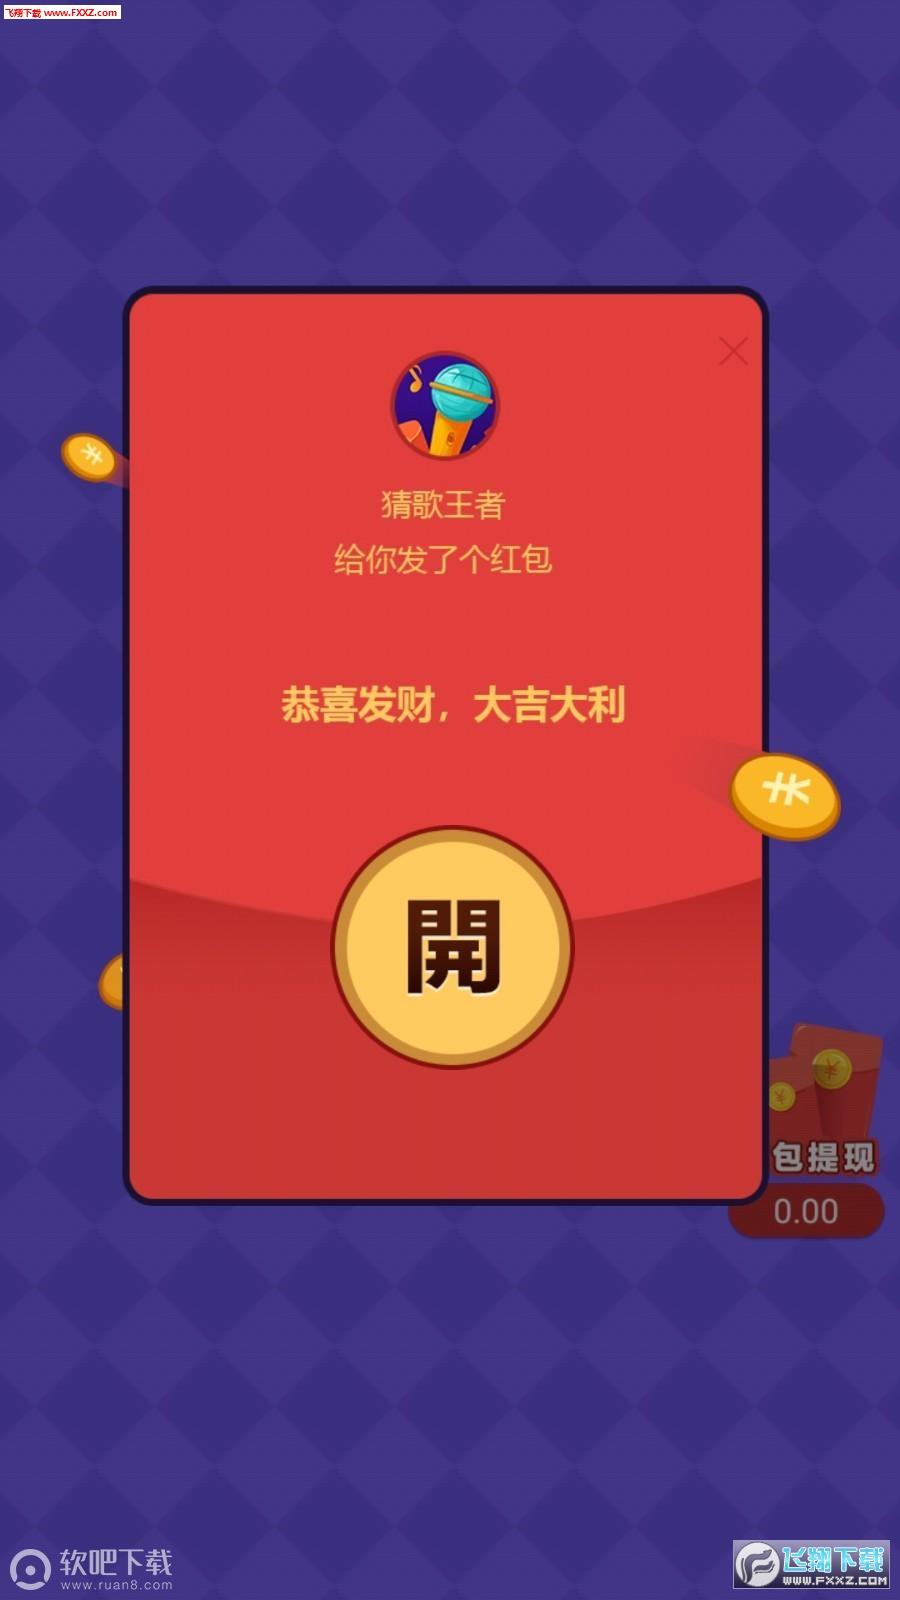 猜歌王者游戏赚钱安卓版v1.0截图1